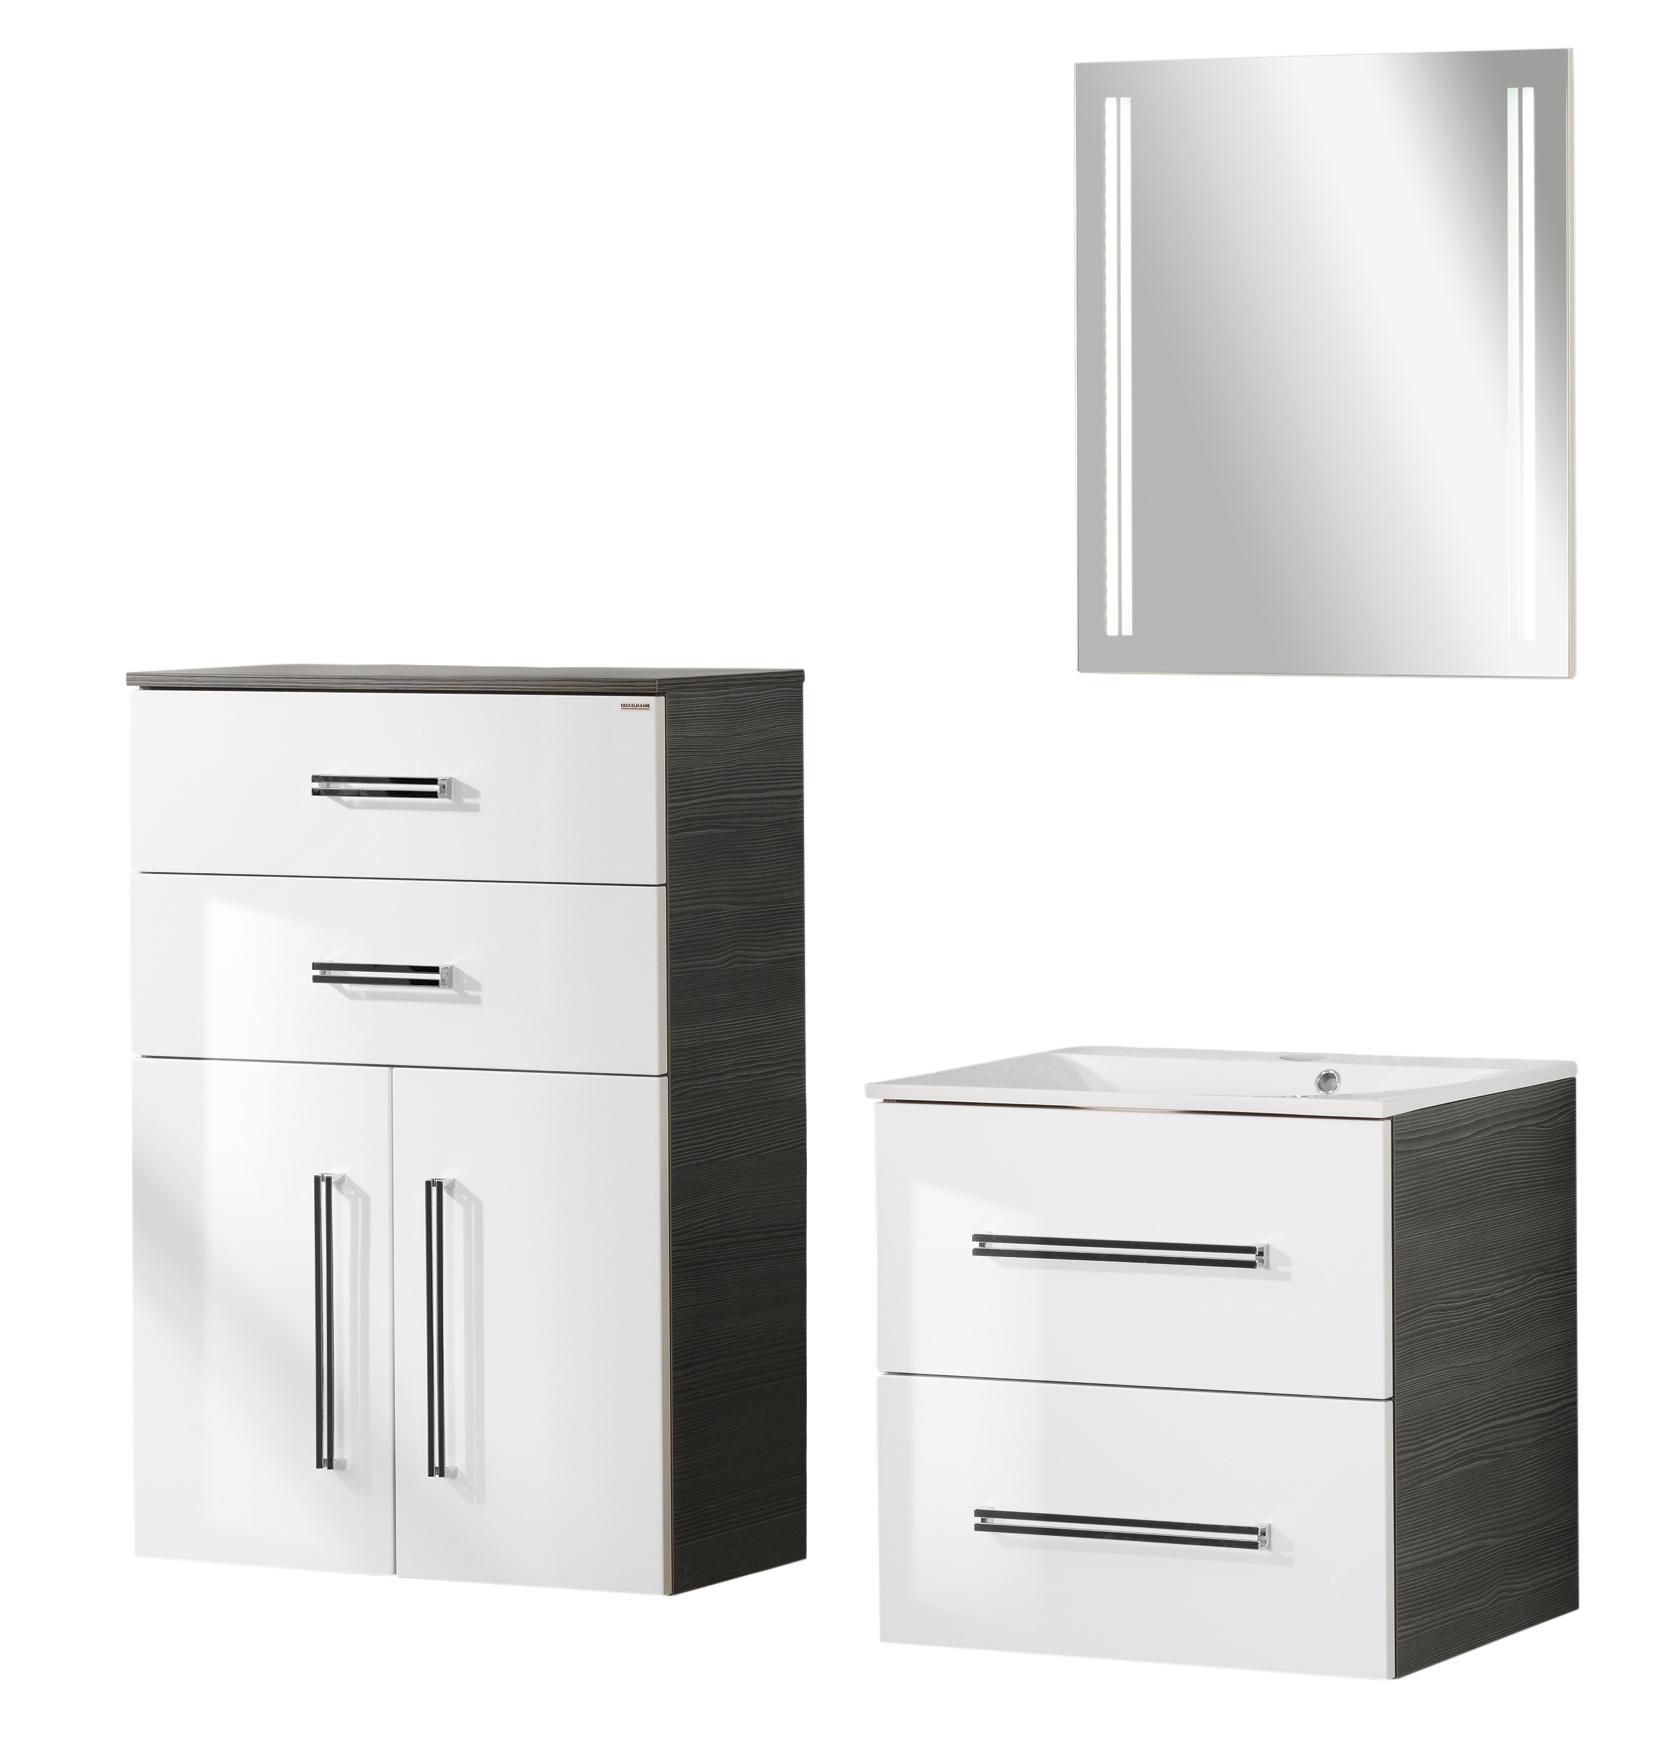 badm bel sets badm bel badedu. Black Bedroom Furniture Sets. Home Design Ideas